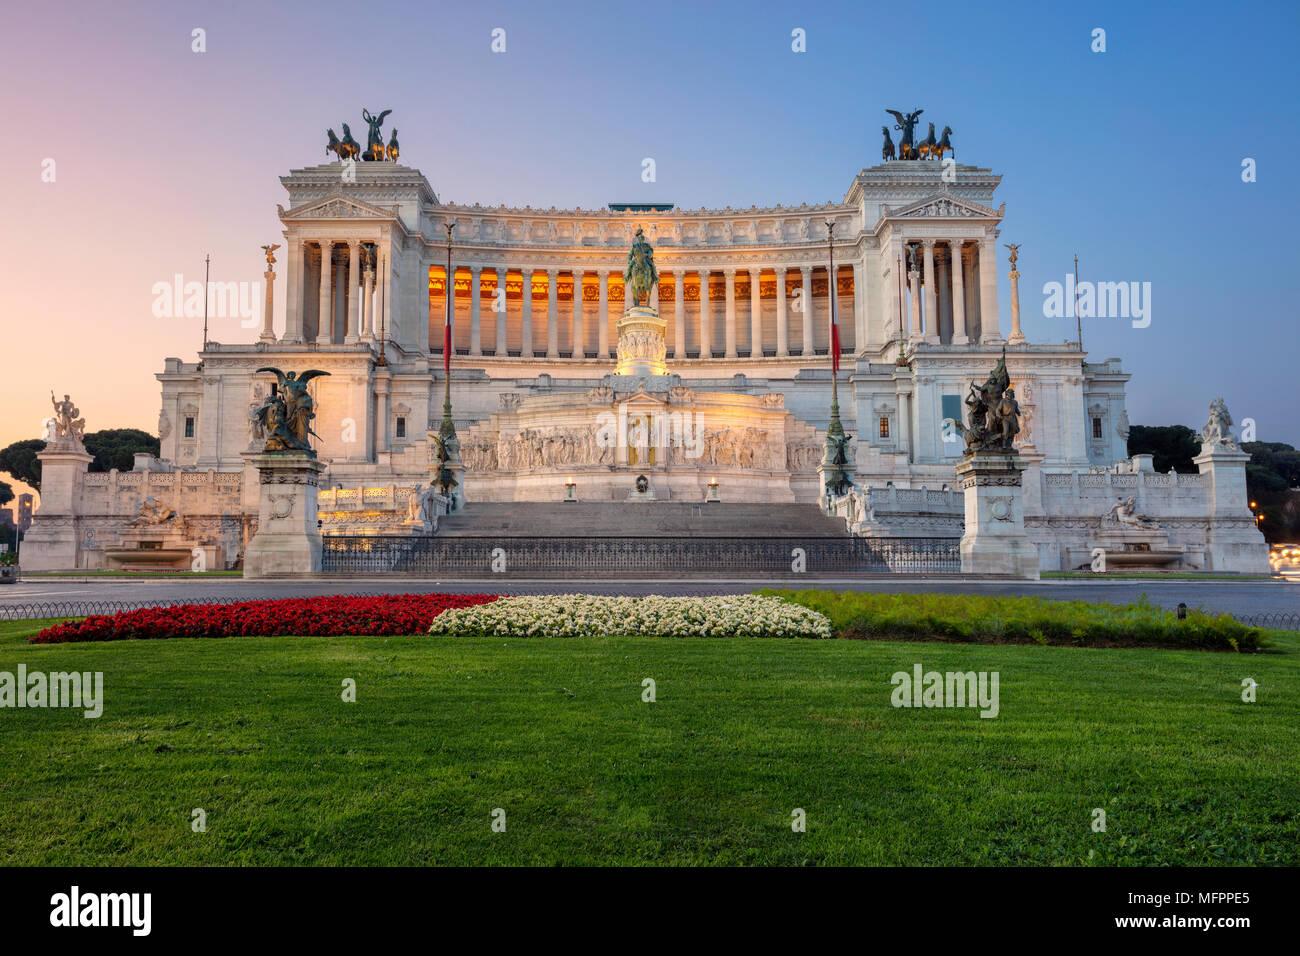 Rome. Cityscape droit du monument de Victor Emmanuel II, Place Venezia, à Rome, en Italie pendant le lever du soleil. Photo Stock